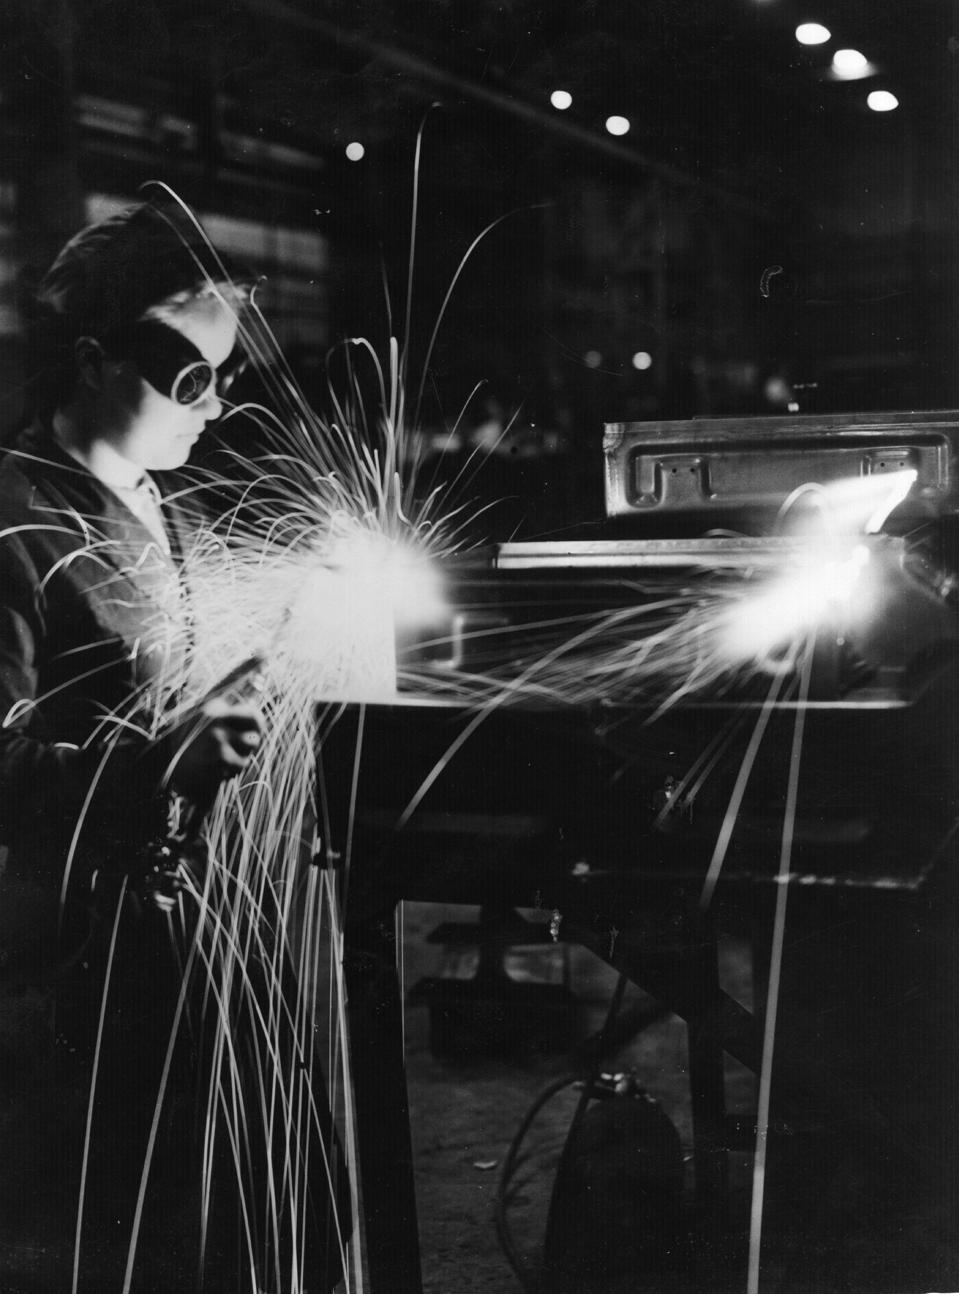 Woman Welding